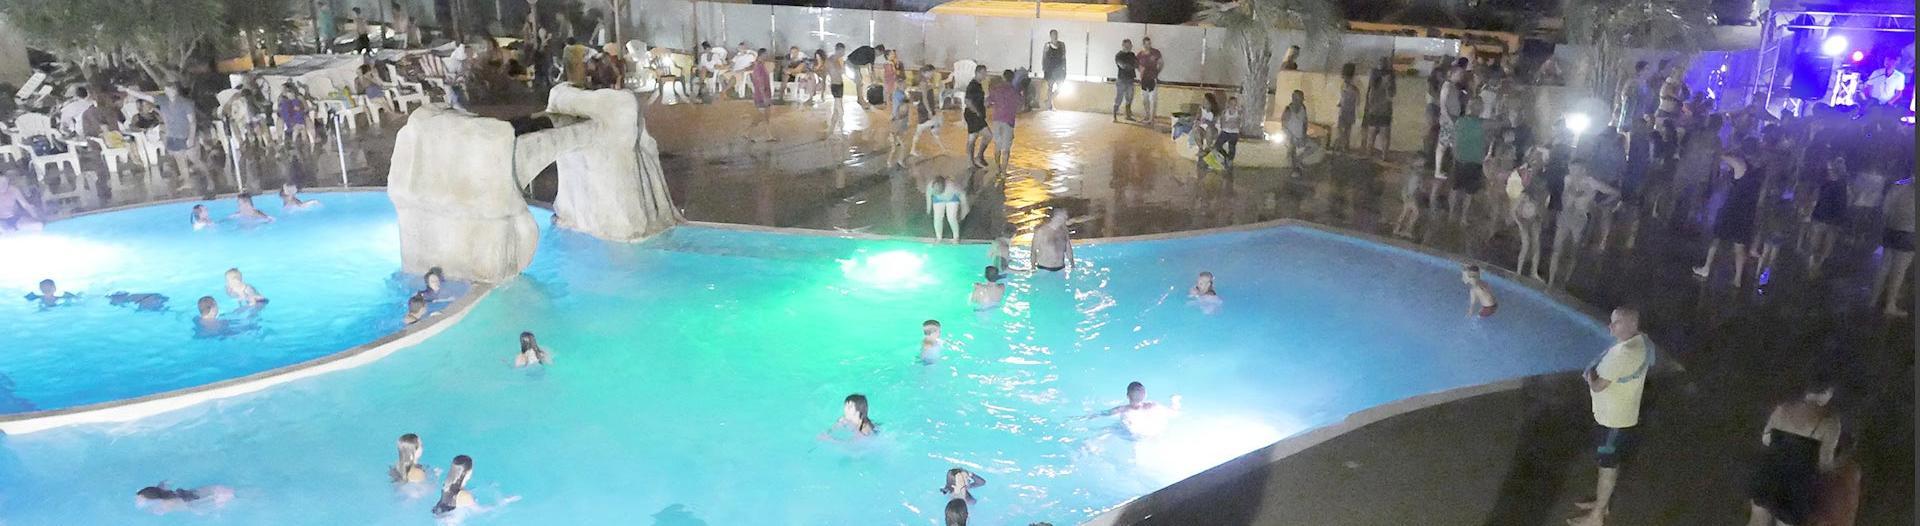 slider-soleil-mediterranee-soiree-piscine